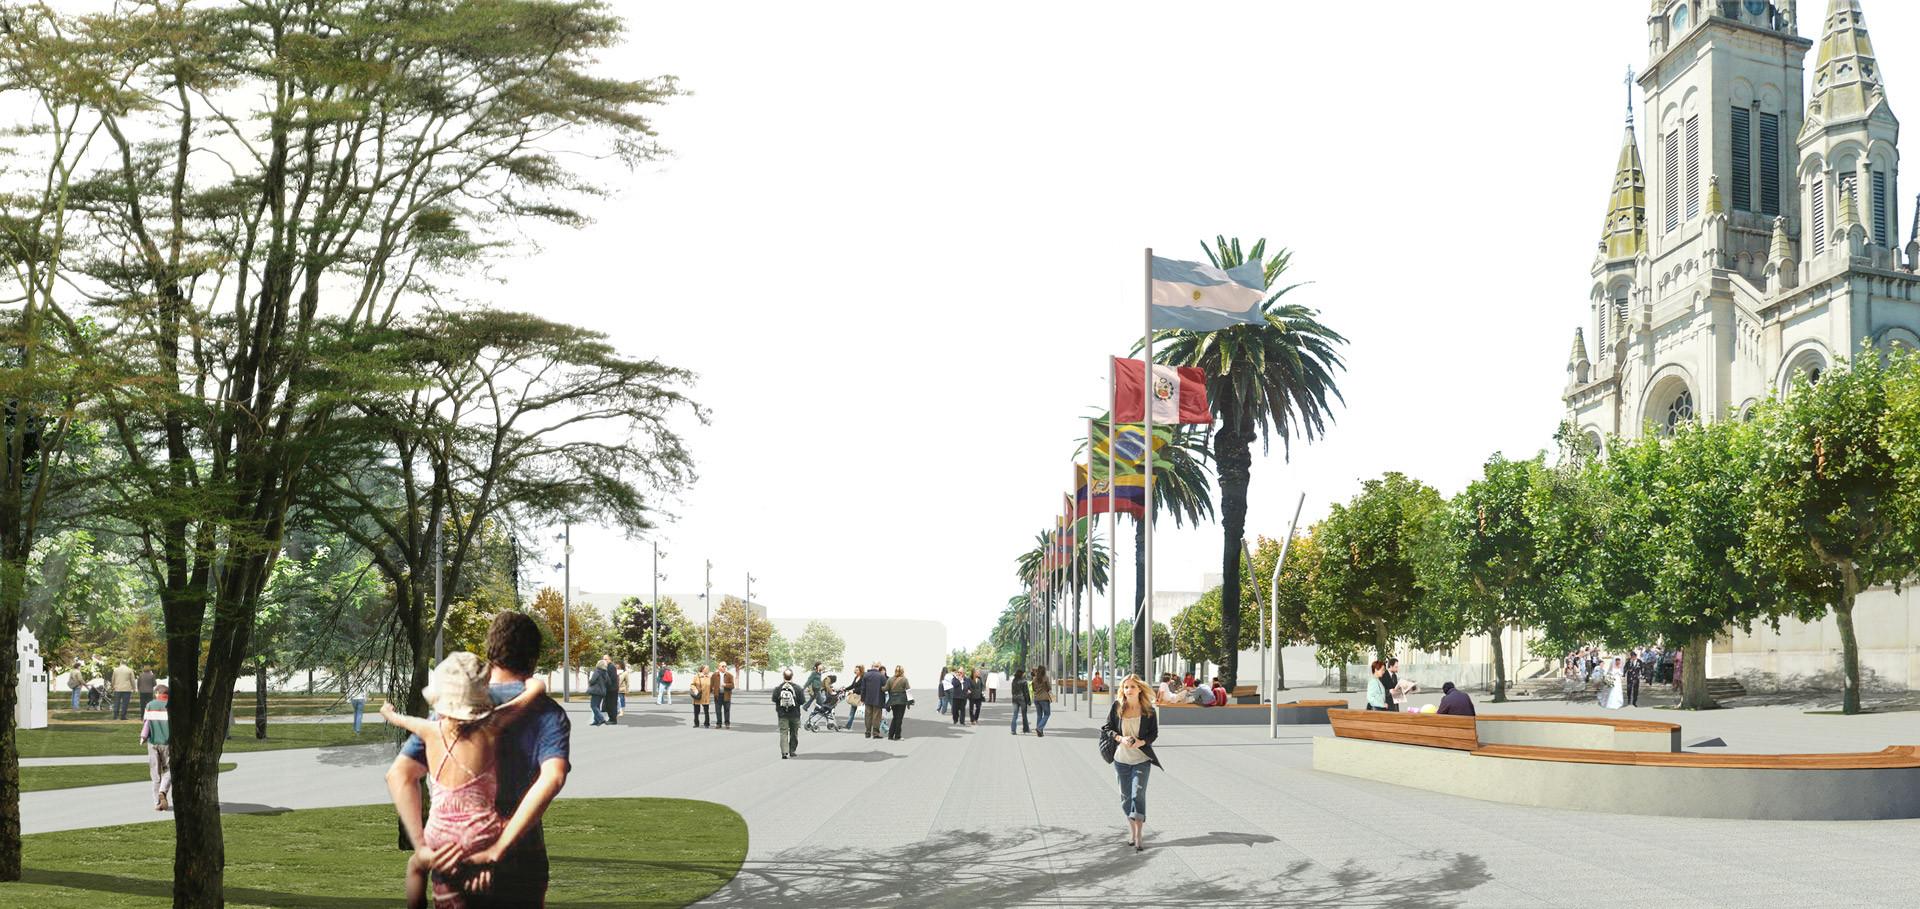 Primer Lugar Concurso Plazas Mitre y Alsina, Vista